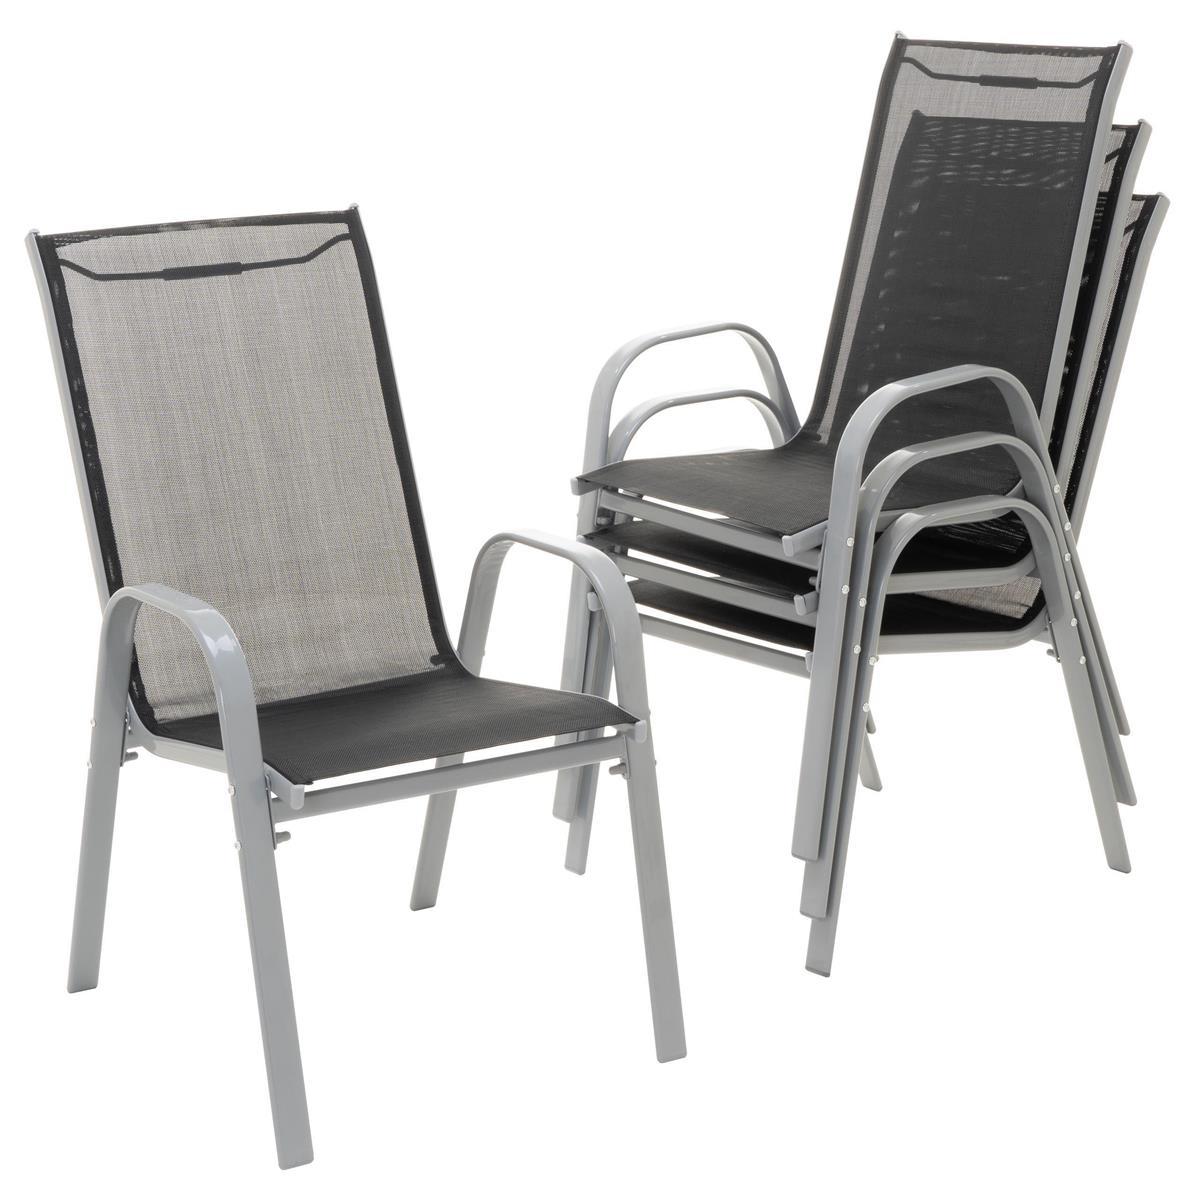 4er Set Gartenstuhl Stapelstuhl Stapelsessel Campingsessel schwarz Rahmen grau